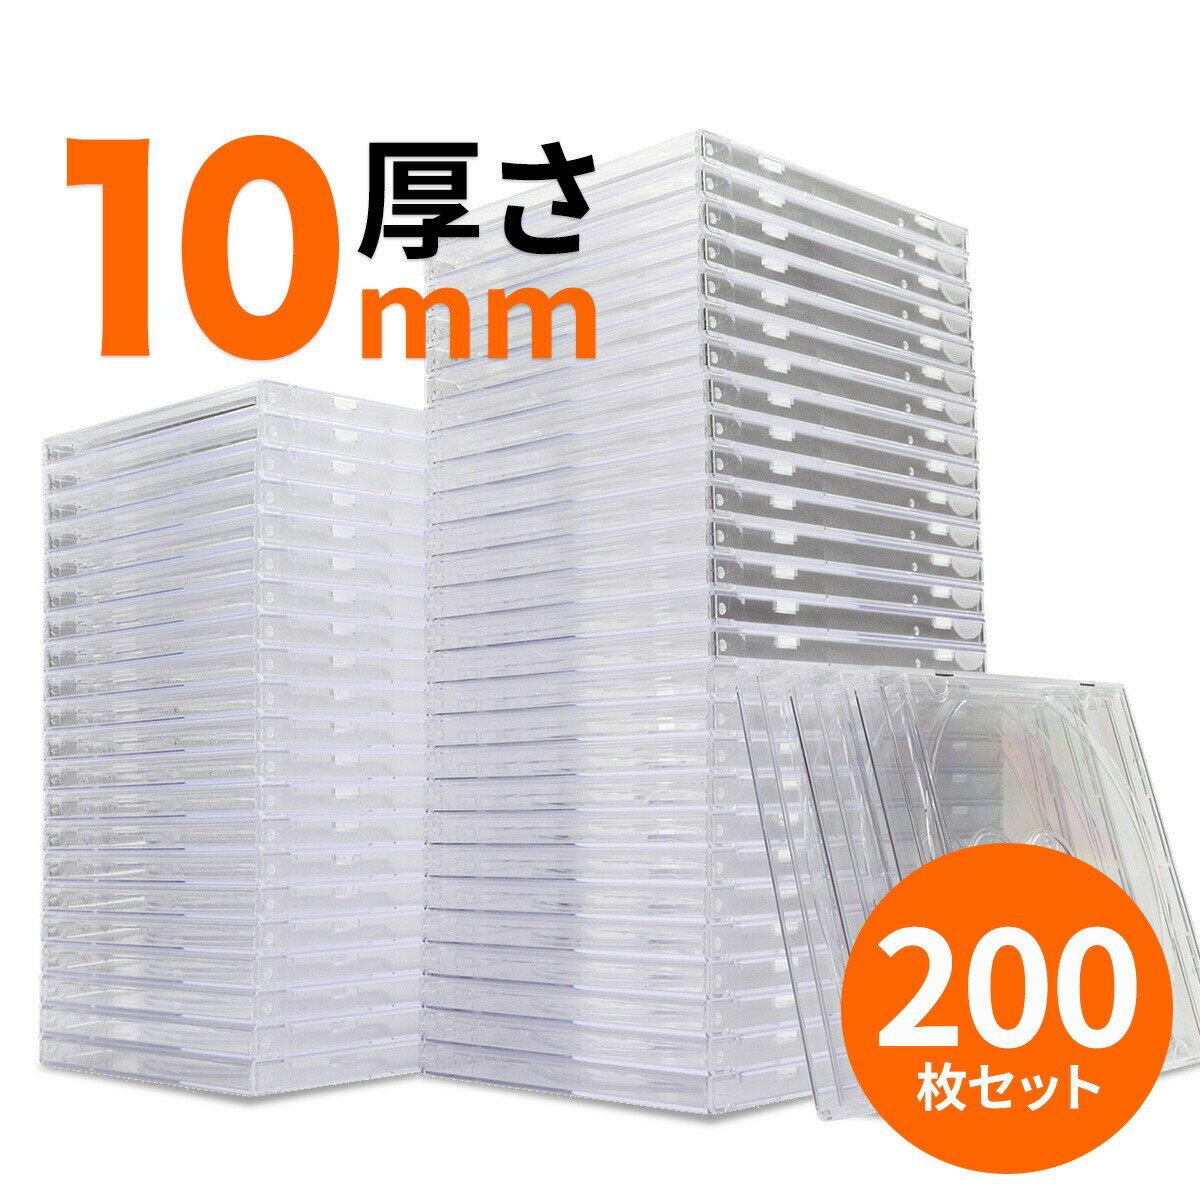 CDケース DVDケース プラケース 200枚セット ジュエルケース 収納ケース メディアケース 10mm [200-FCD024-200]【サンワダイレクト限定品】【送料無料】